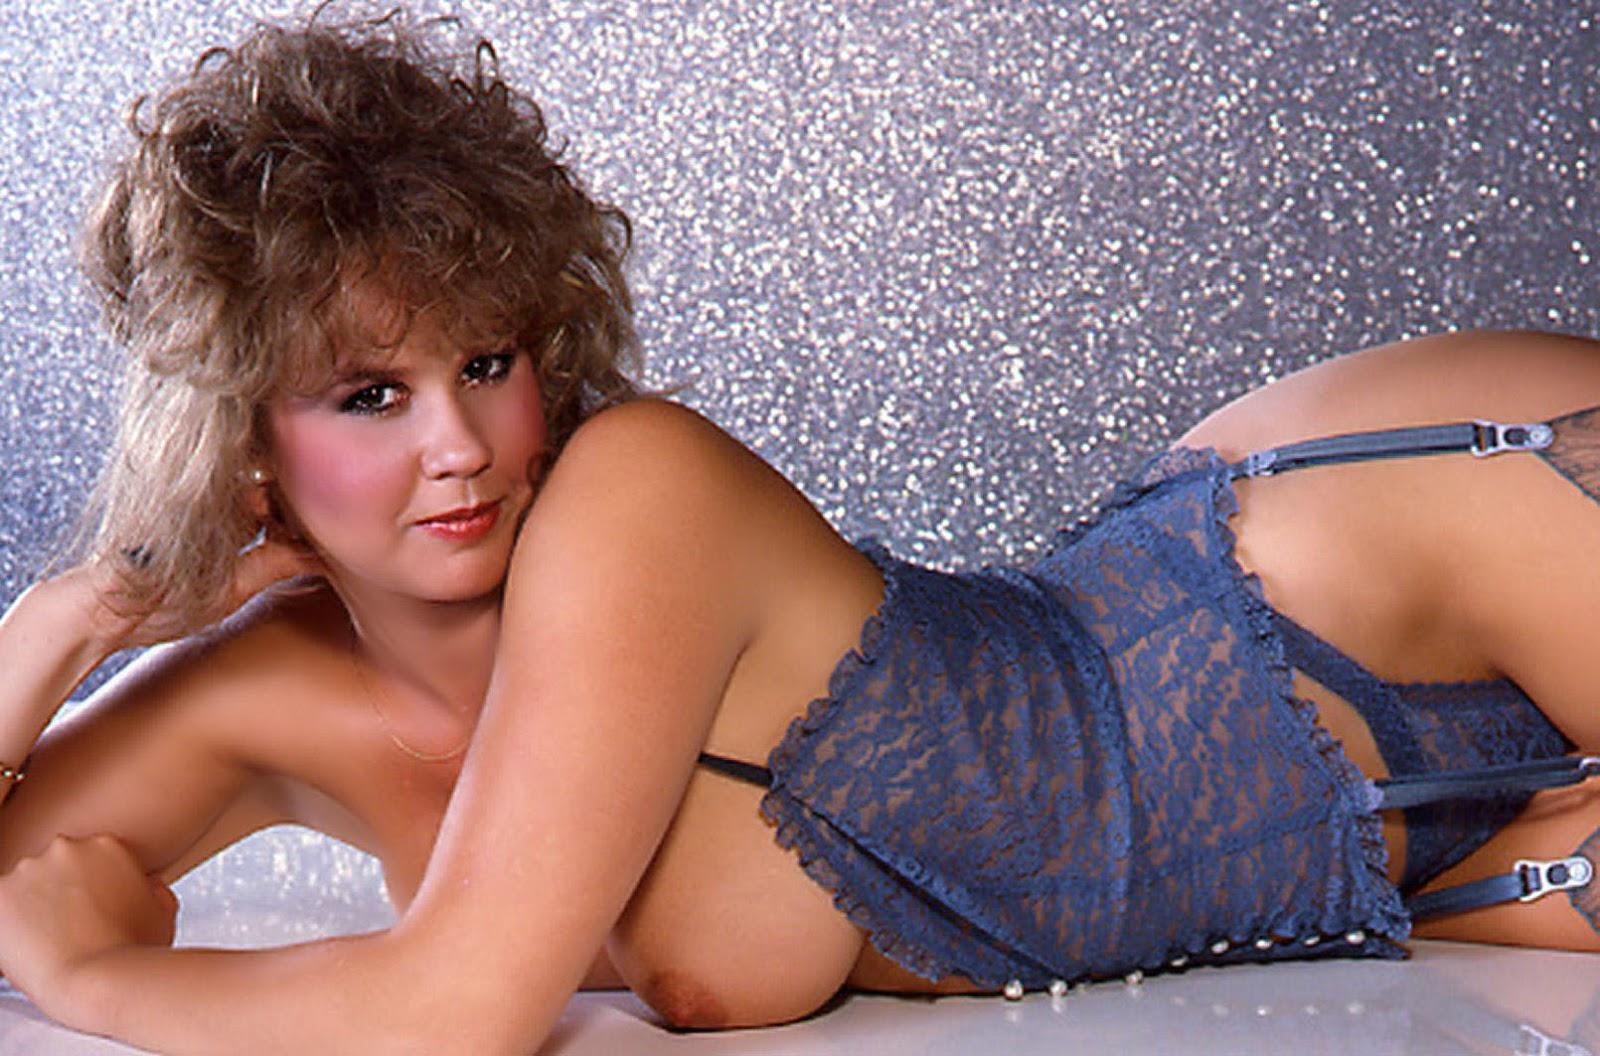 Linda blair full nude